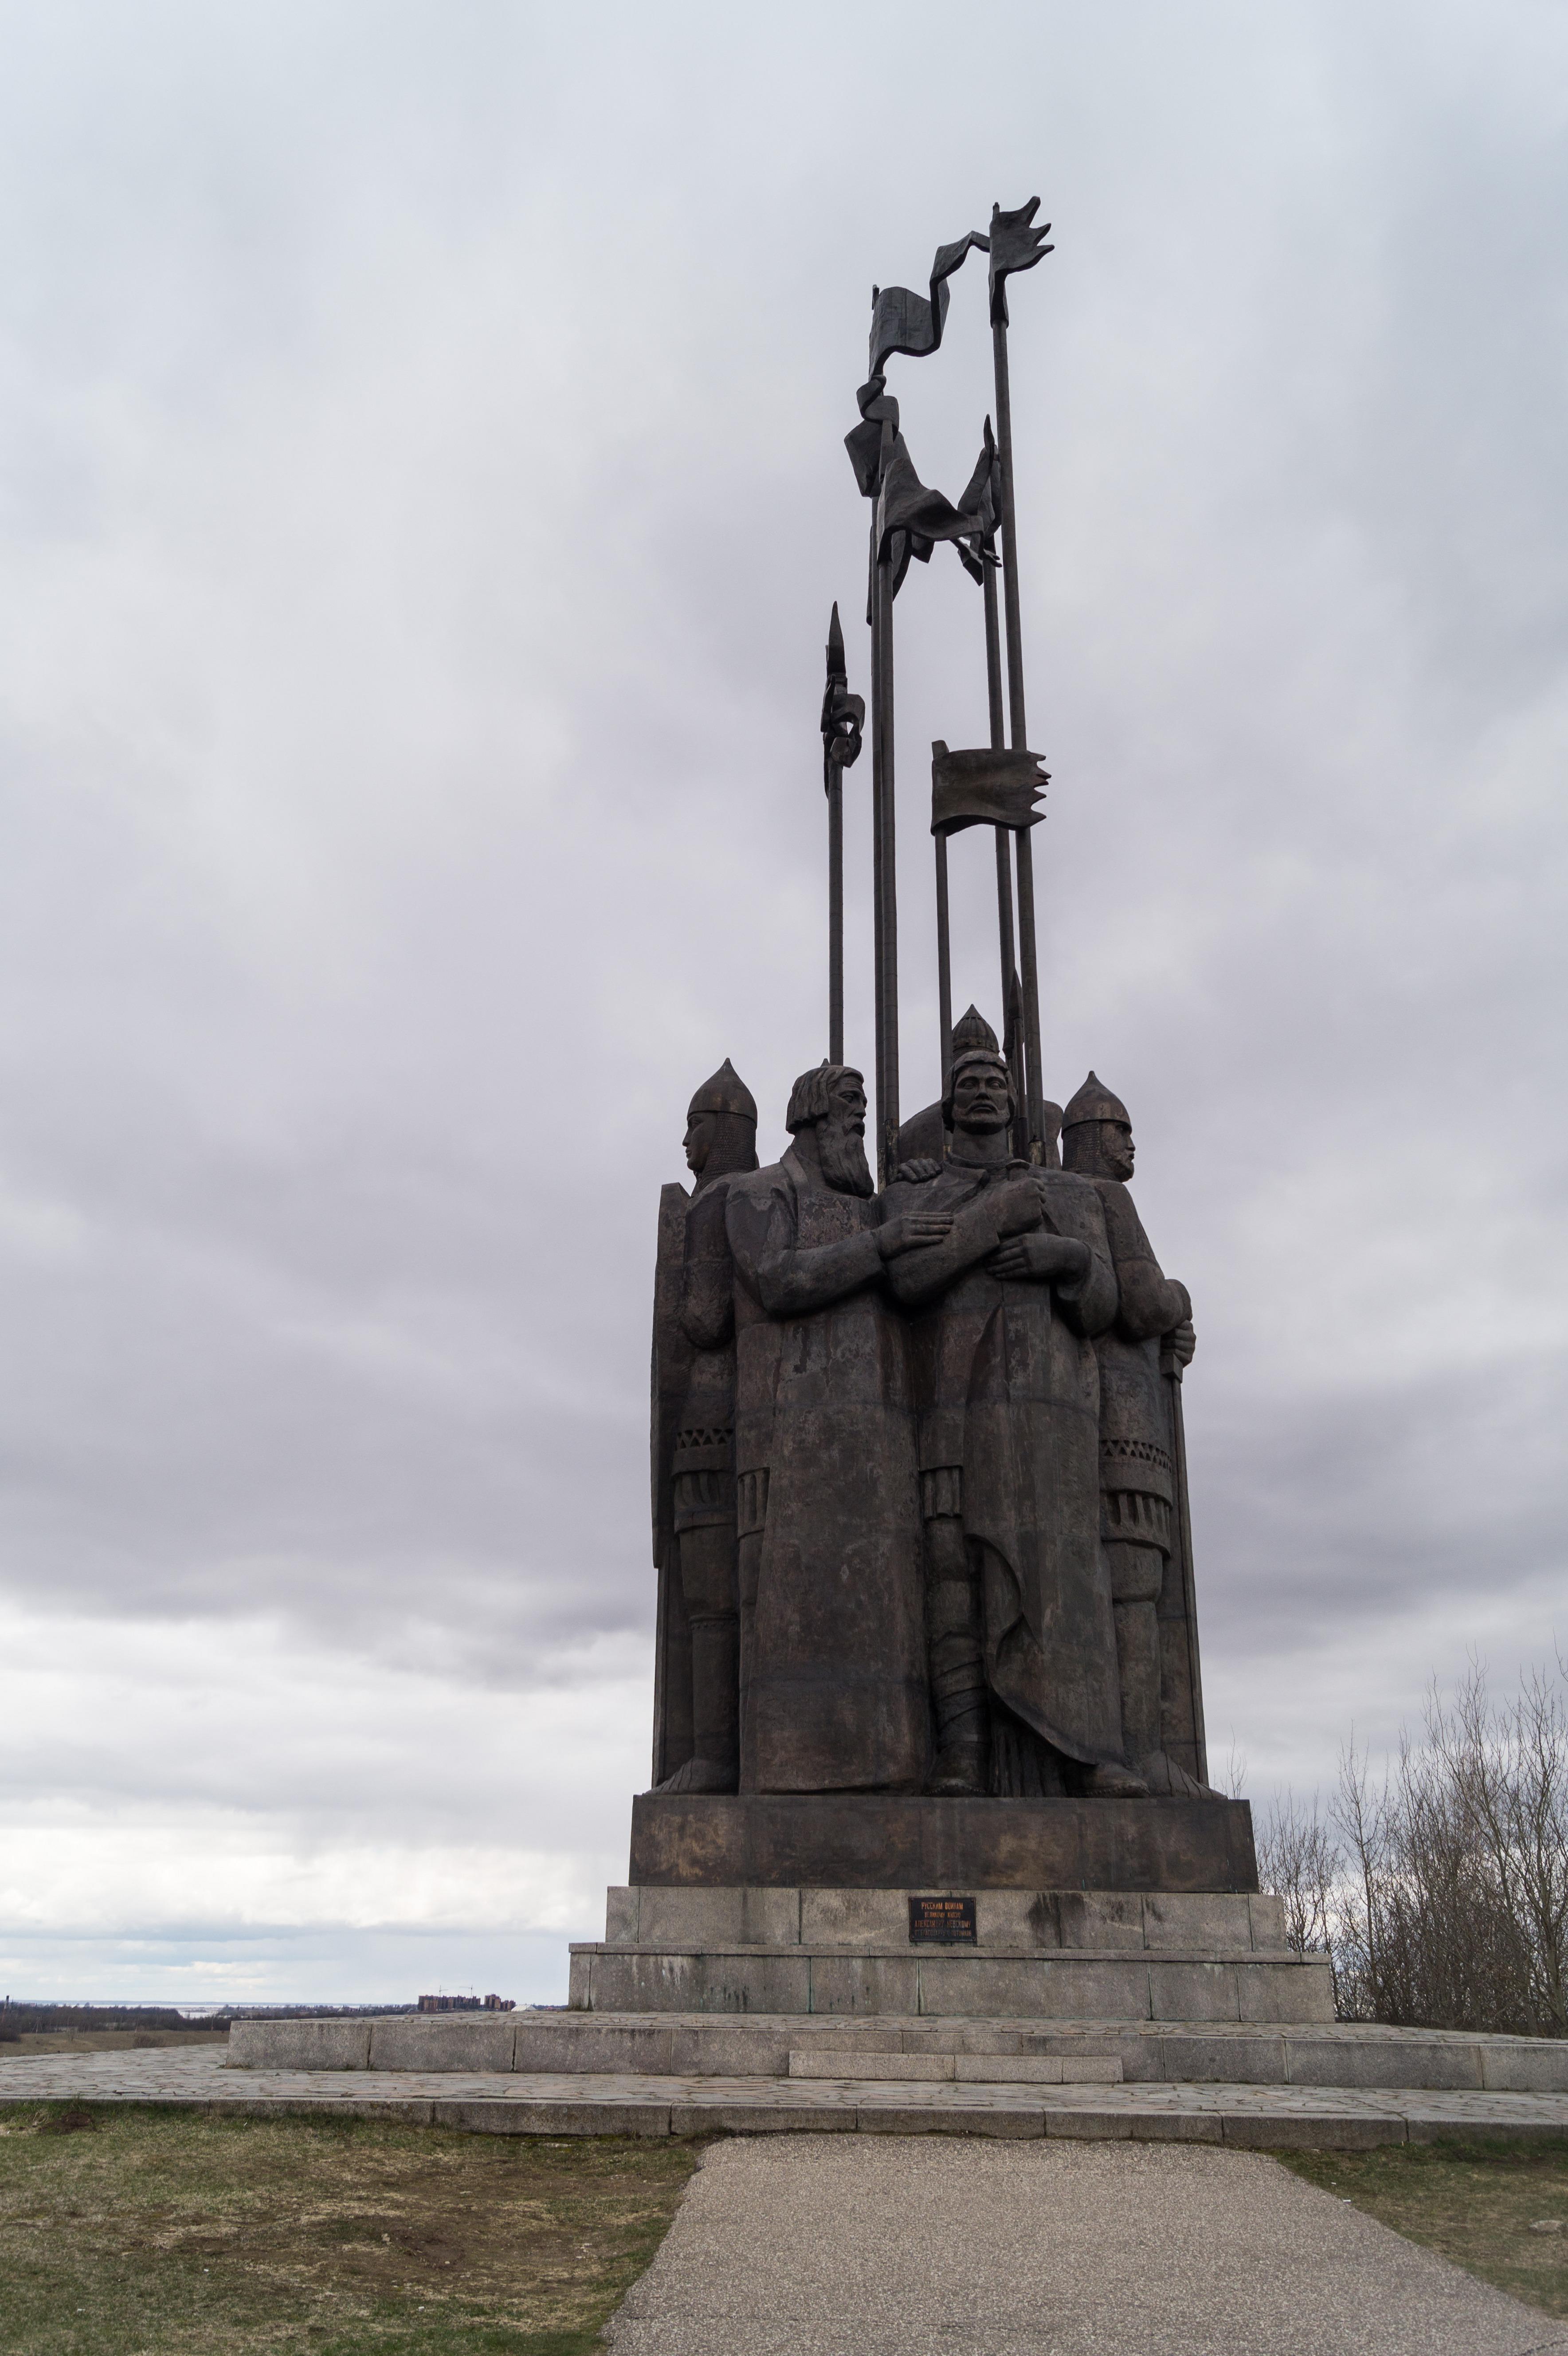 Монумент в память Ледового побоища. На горе Соколиха у въезда в Псков. Дружина Александра Невского.